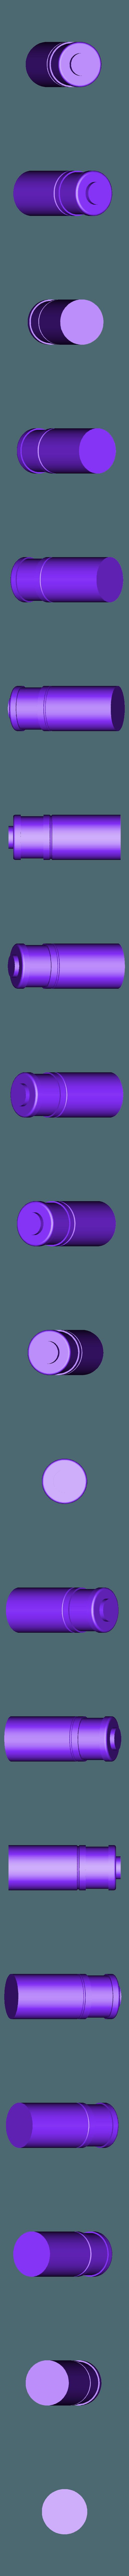 Shell.stl Télécharger fichier STL gratuit Borderlands Bandit Room Clener Shotgun • Modèle pour impression 3D, Dsk